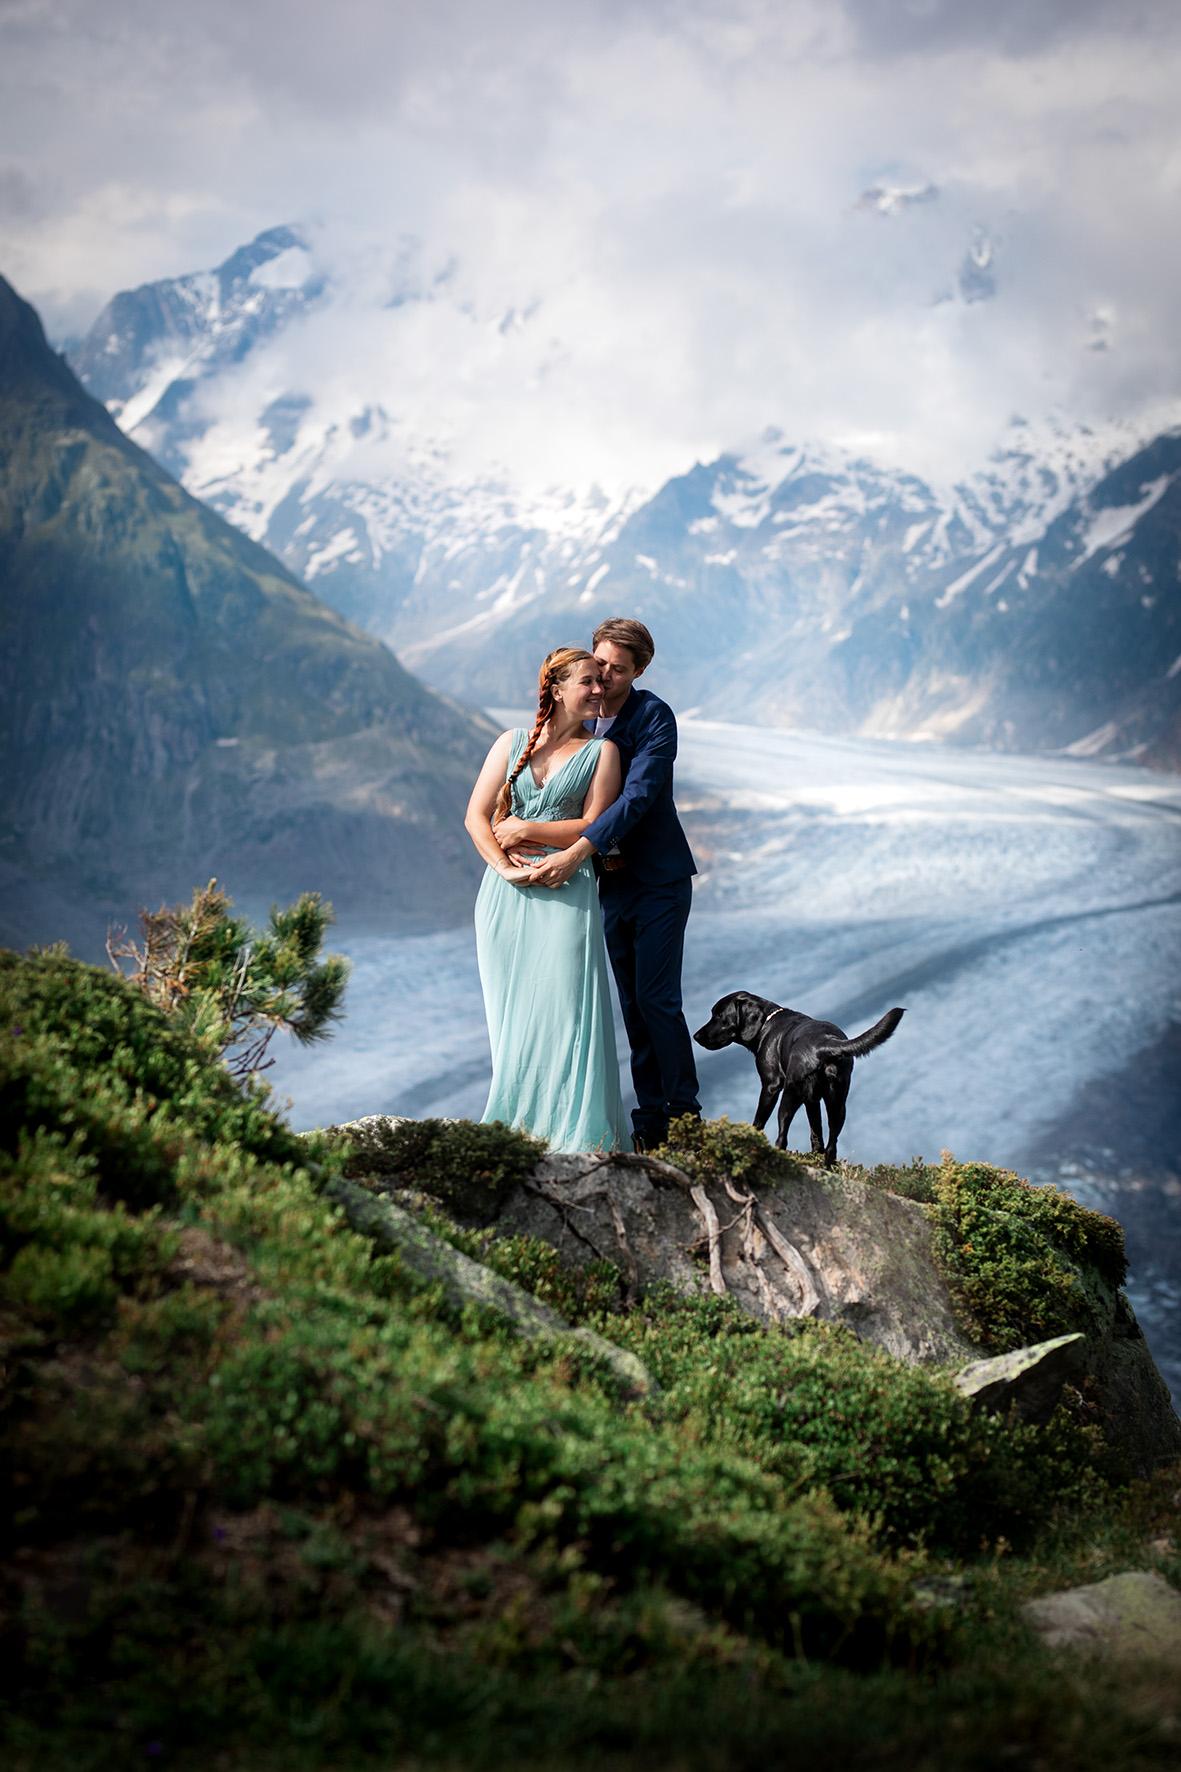 Hochzeitsfotografie_Aletsch_Elopement_02